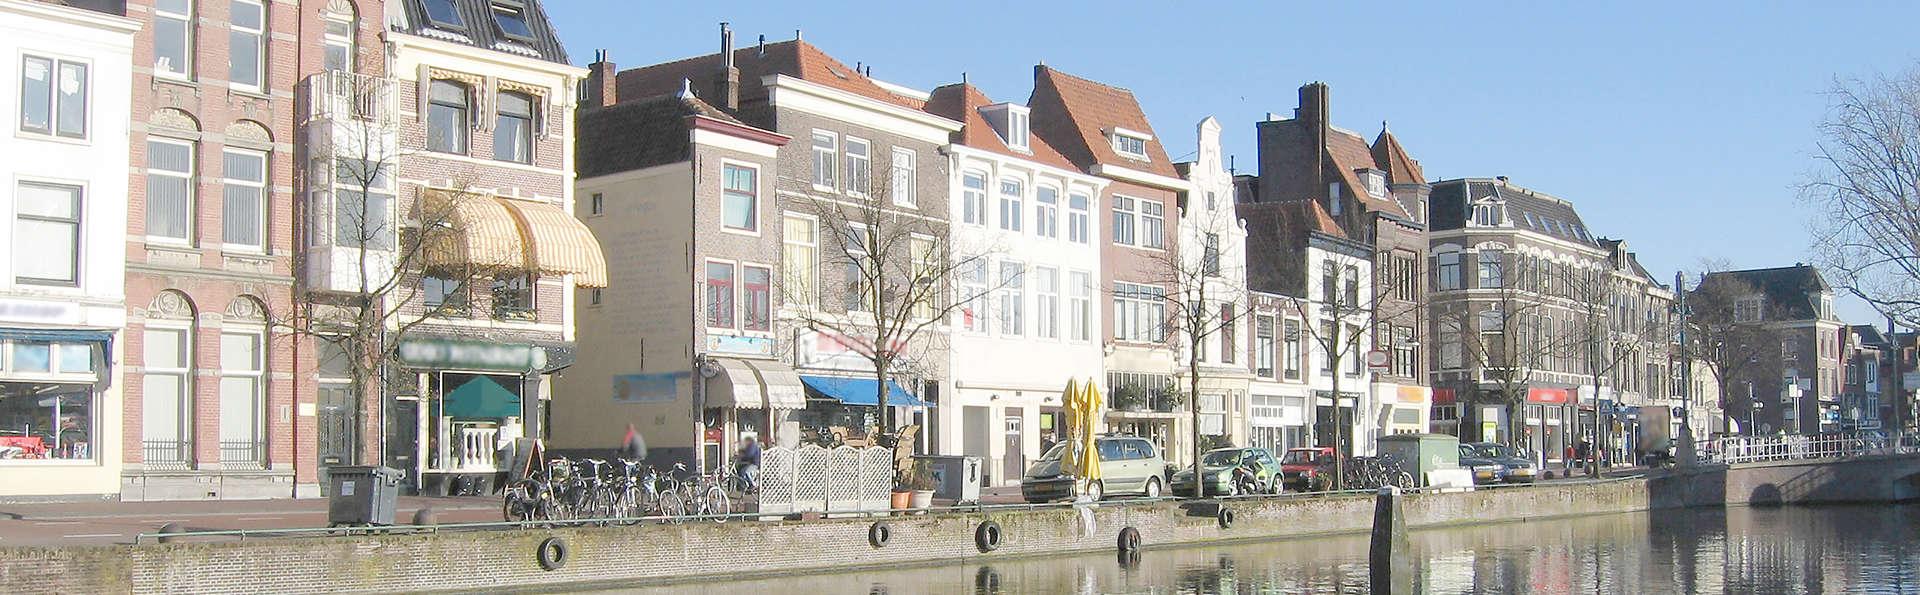 City Resort Hotel Leiden - Edit_Leiden.jpg